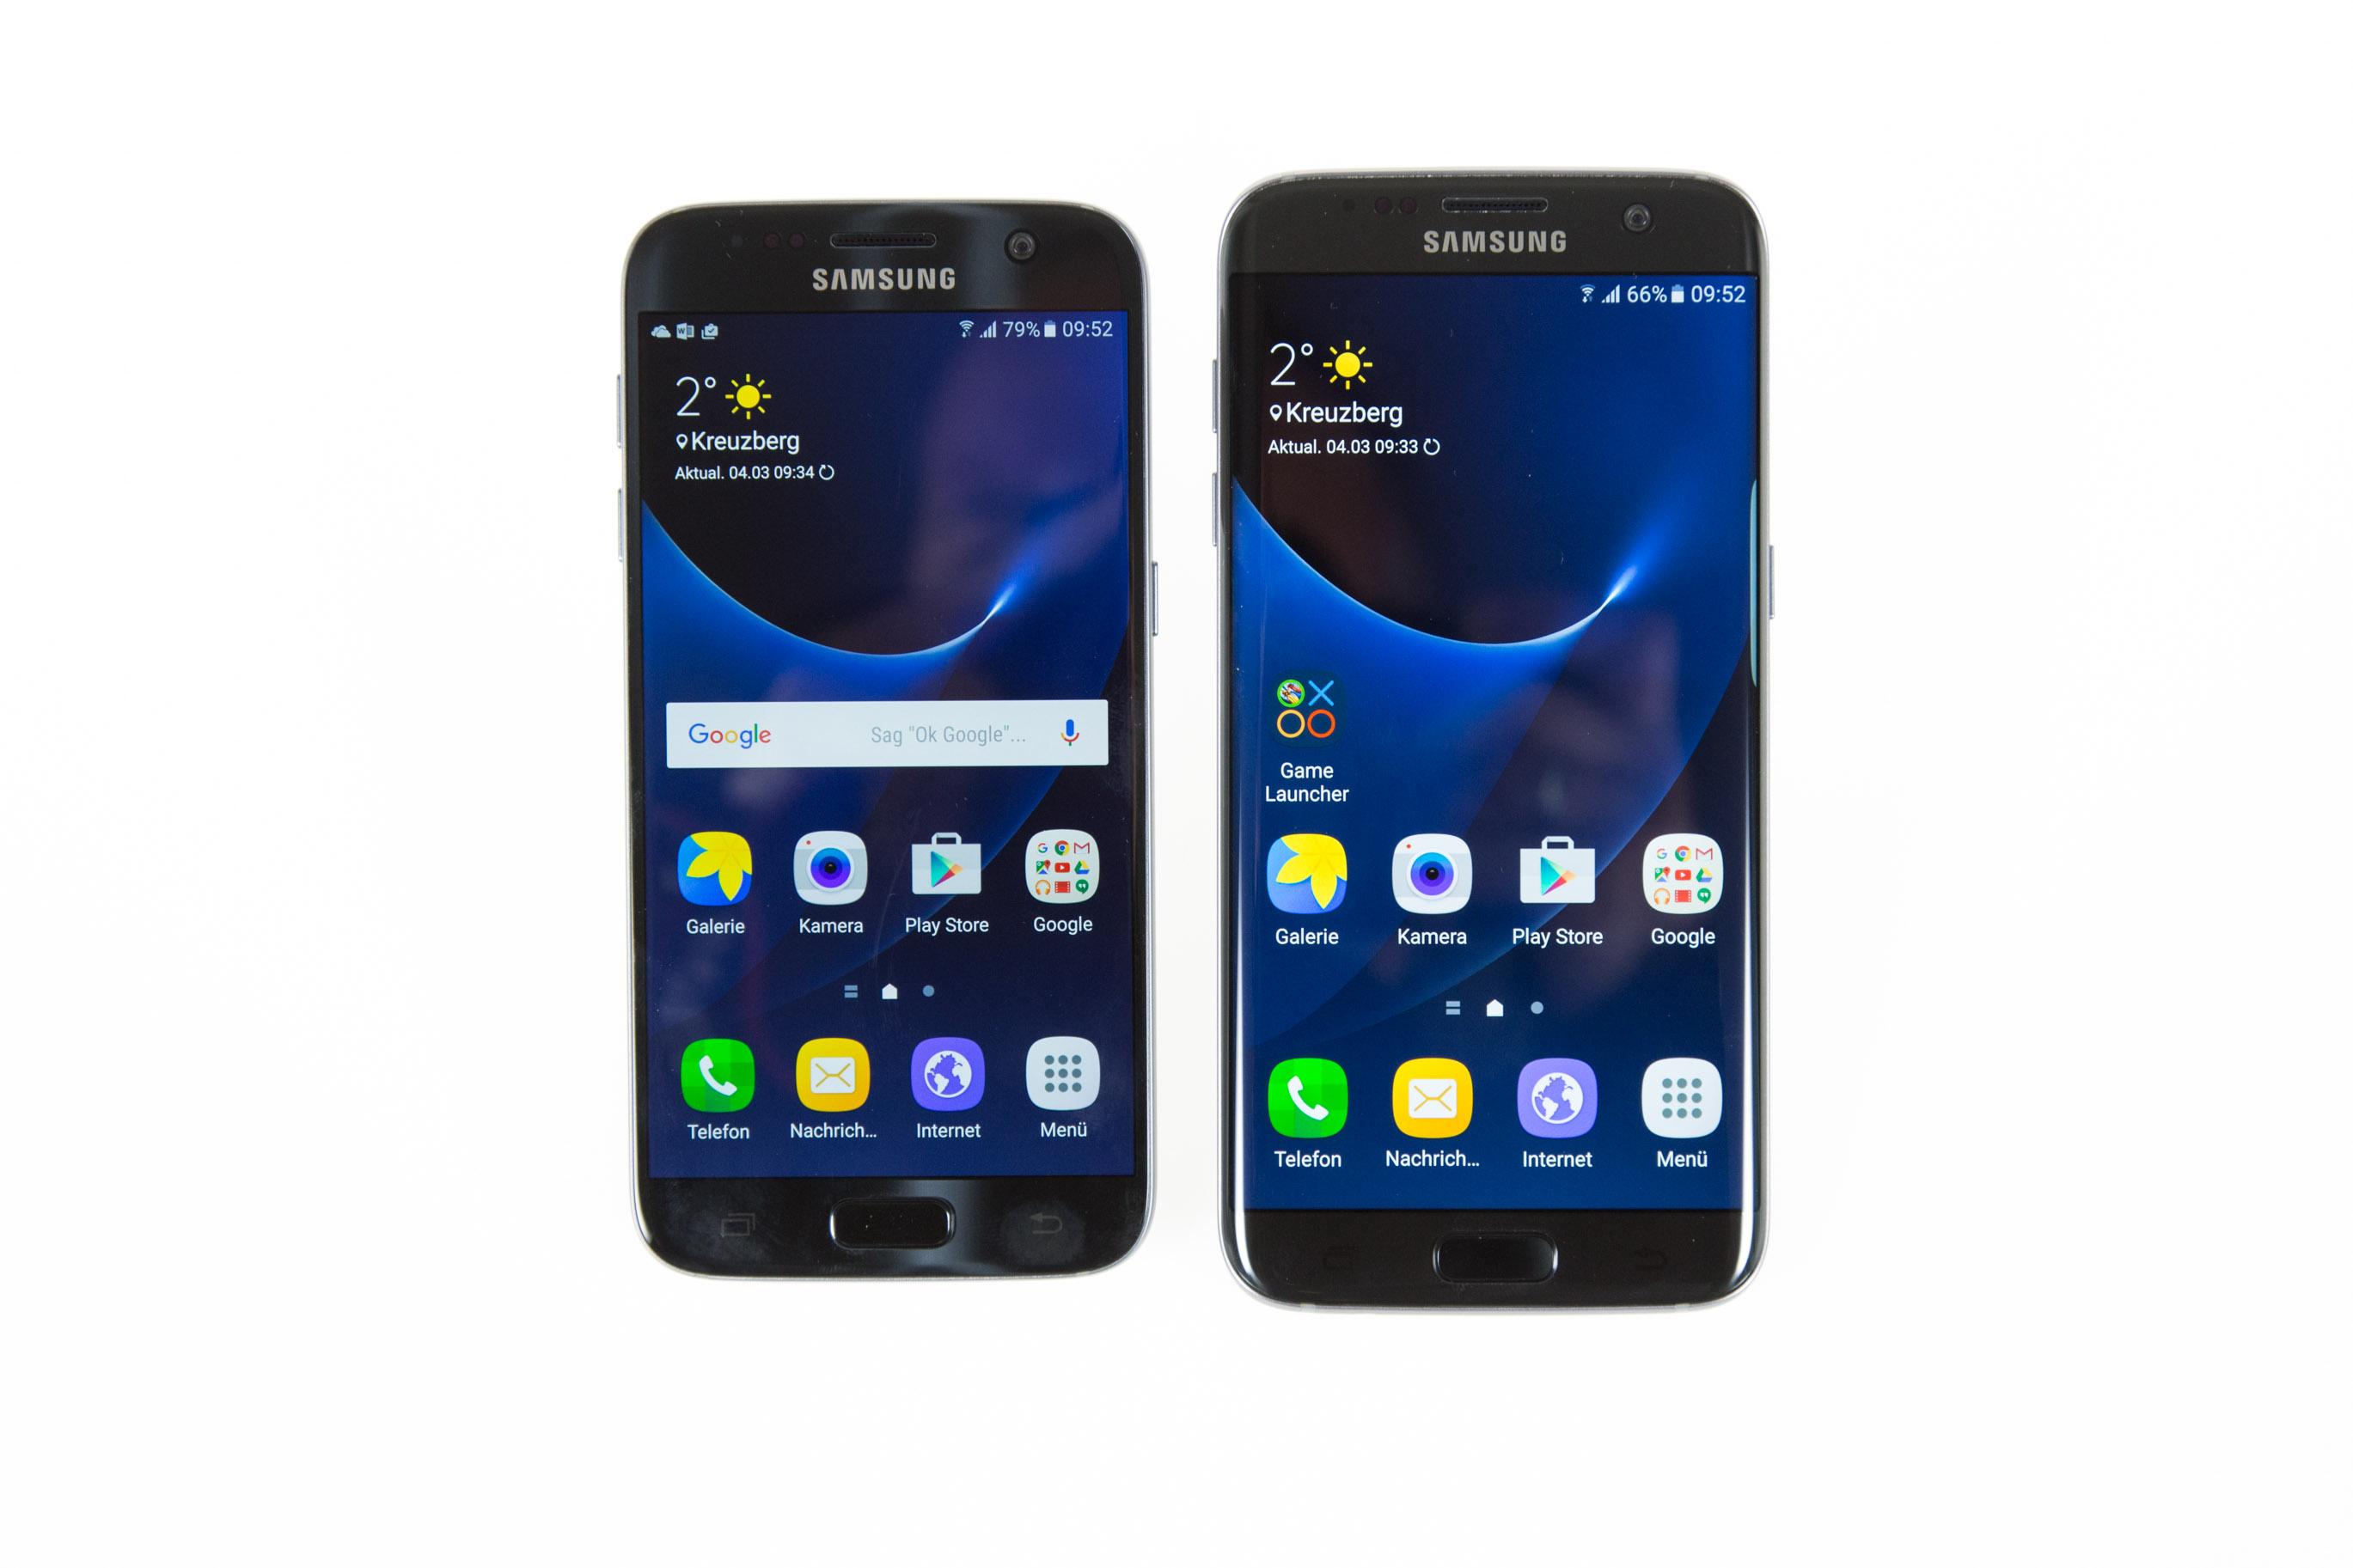 Galaxy S7 und S7 Edge im Test: Samsung definiert die Android-Oberklasse - Links das Galaxy S7, rechts das Galaxy S7 Edge (Bild: Martin Wolf/Golem.de)